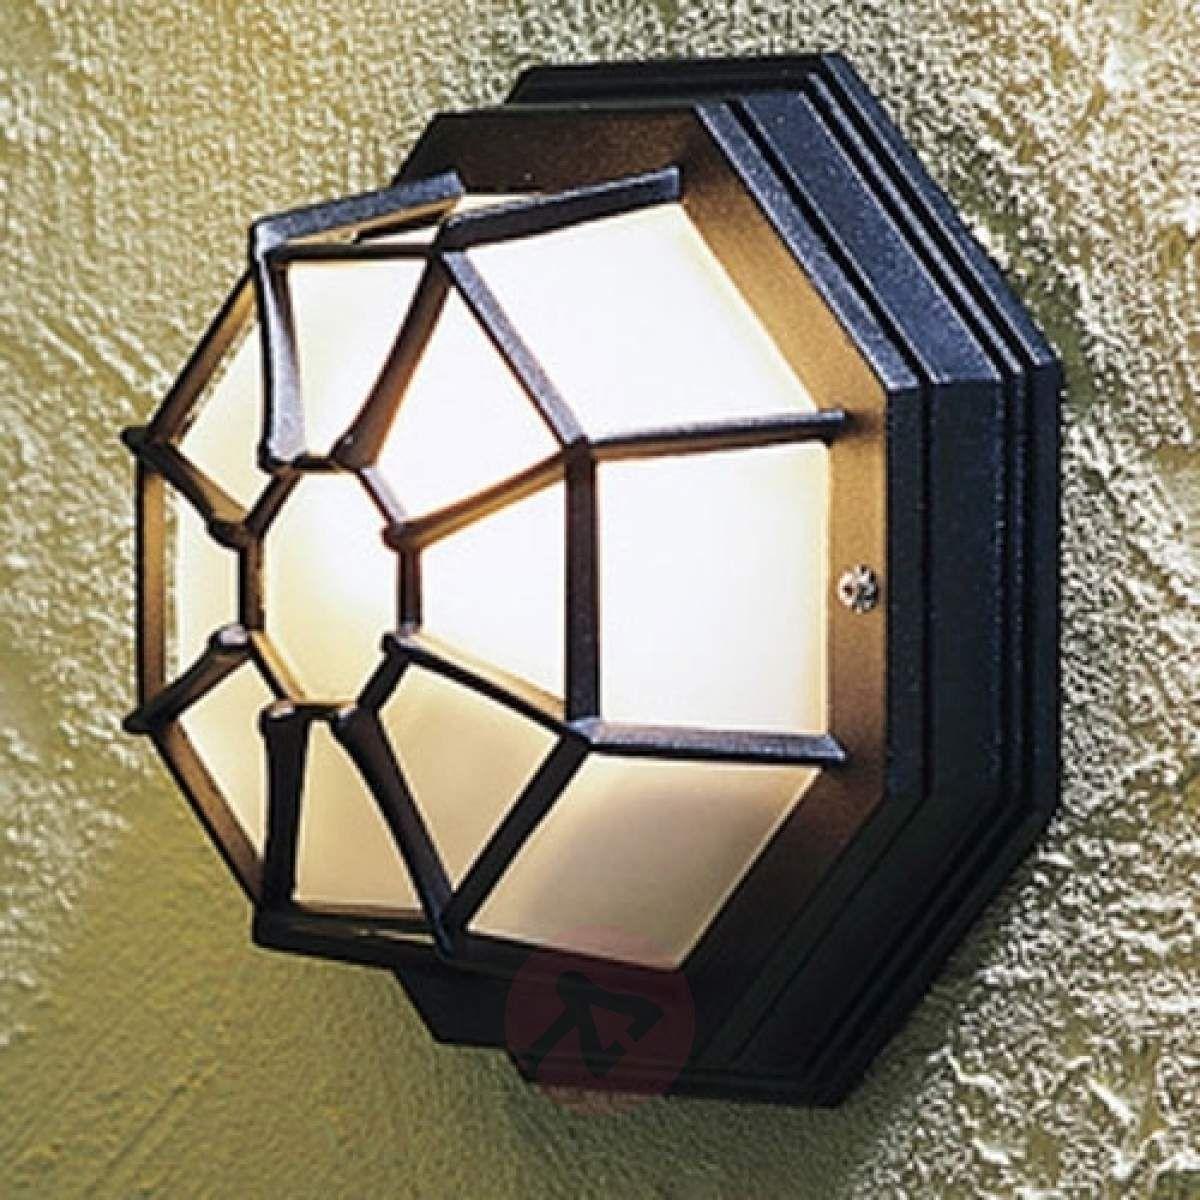 Zewnętrzna Lampa ścienna Wall Roof Czarna Lampy Wiszące